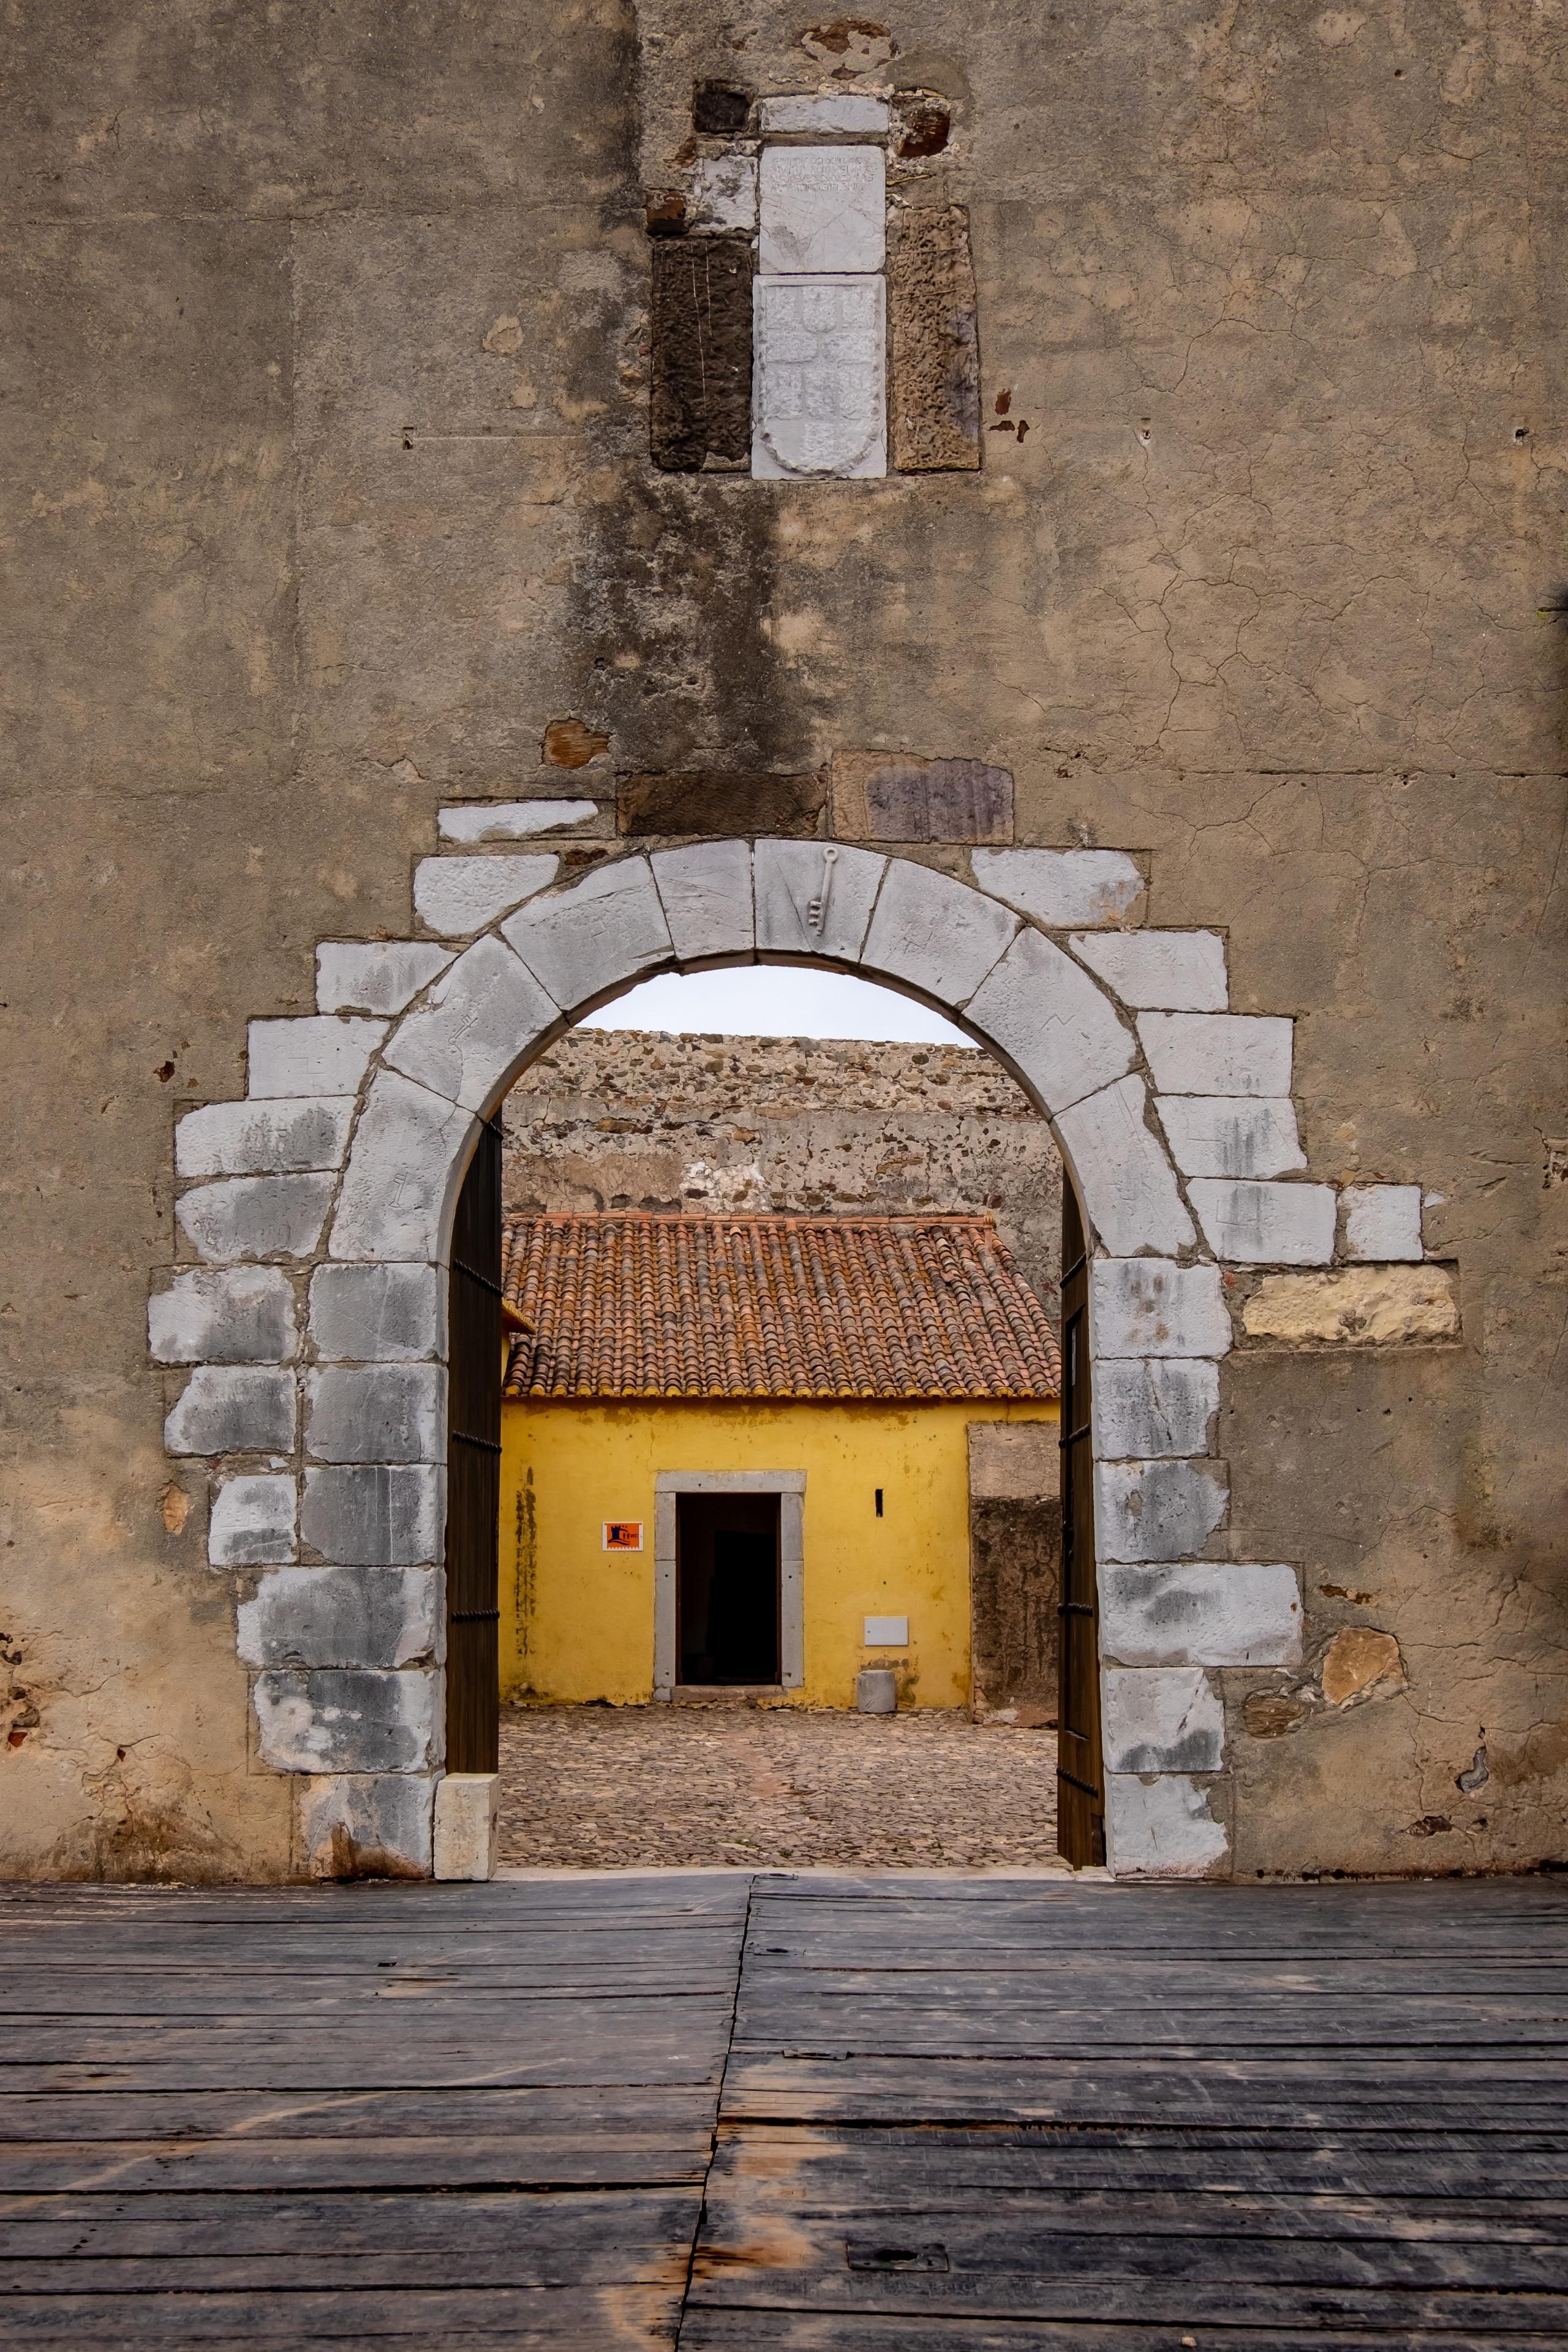 Burg von Castro Marim, Castro Marim, Bezirk Faro, Portugal